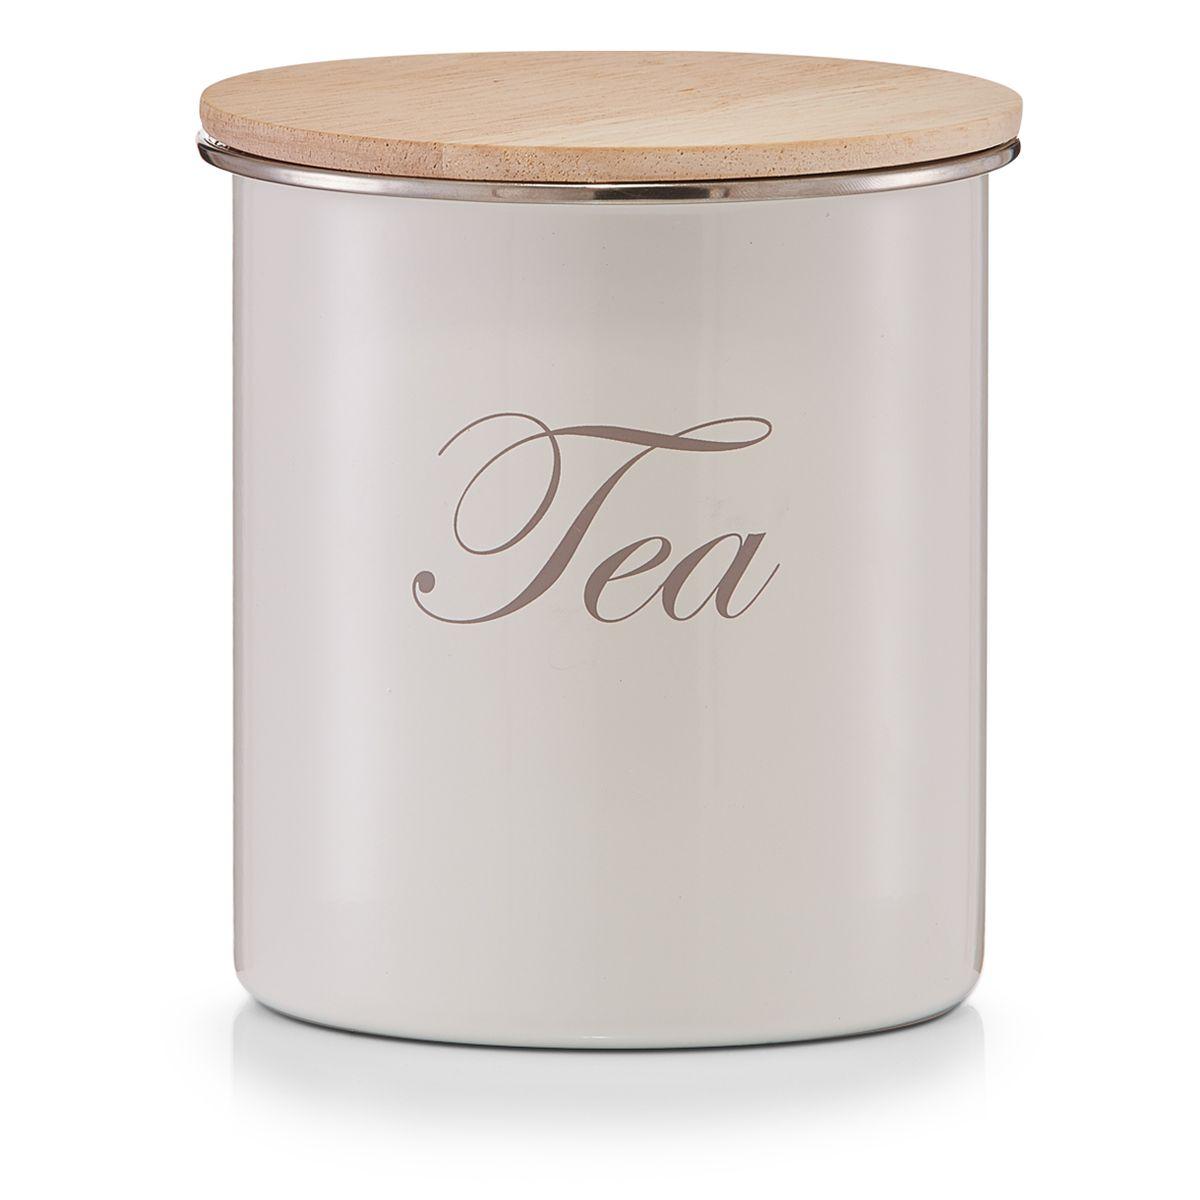 Банка для хранения Zeller Tea, 11,2 х 11,2 х 12,5 смVT-1520(SR)Банка Zeller Tea, выполненная из металла, снабжена деревянной крышкой, которая плотно и герметично закрывается, дольше сохраняя аромат и свежесть содержимого. Изделие предназначено для хранения любого вида чая. Стильная и практичная, такая банка станет незаменимым аксессуаром на любой кухне.